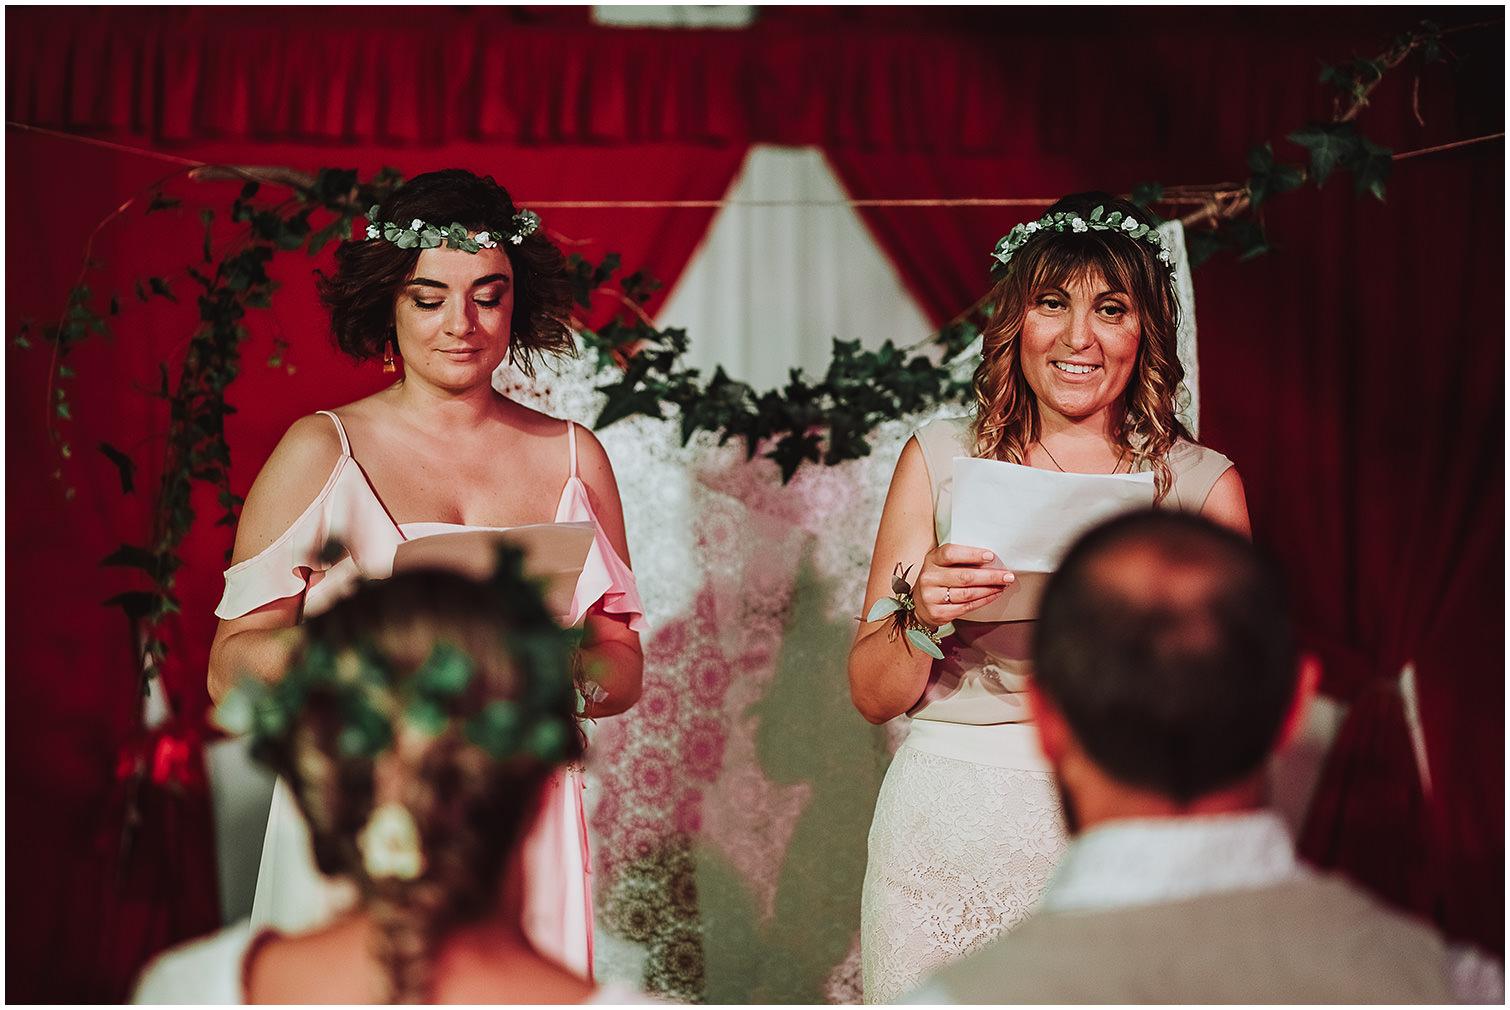 CLARA-RICCARDO-MATRIMONIO-CIRCO-VOLAVOILA-ROMA-SARA-LORENZONI-WEDDING-PHOTOGRAPHY-028